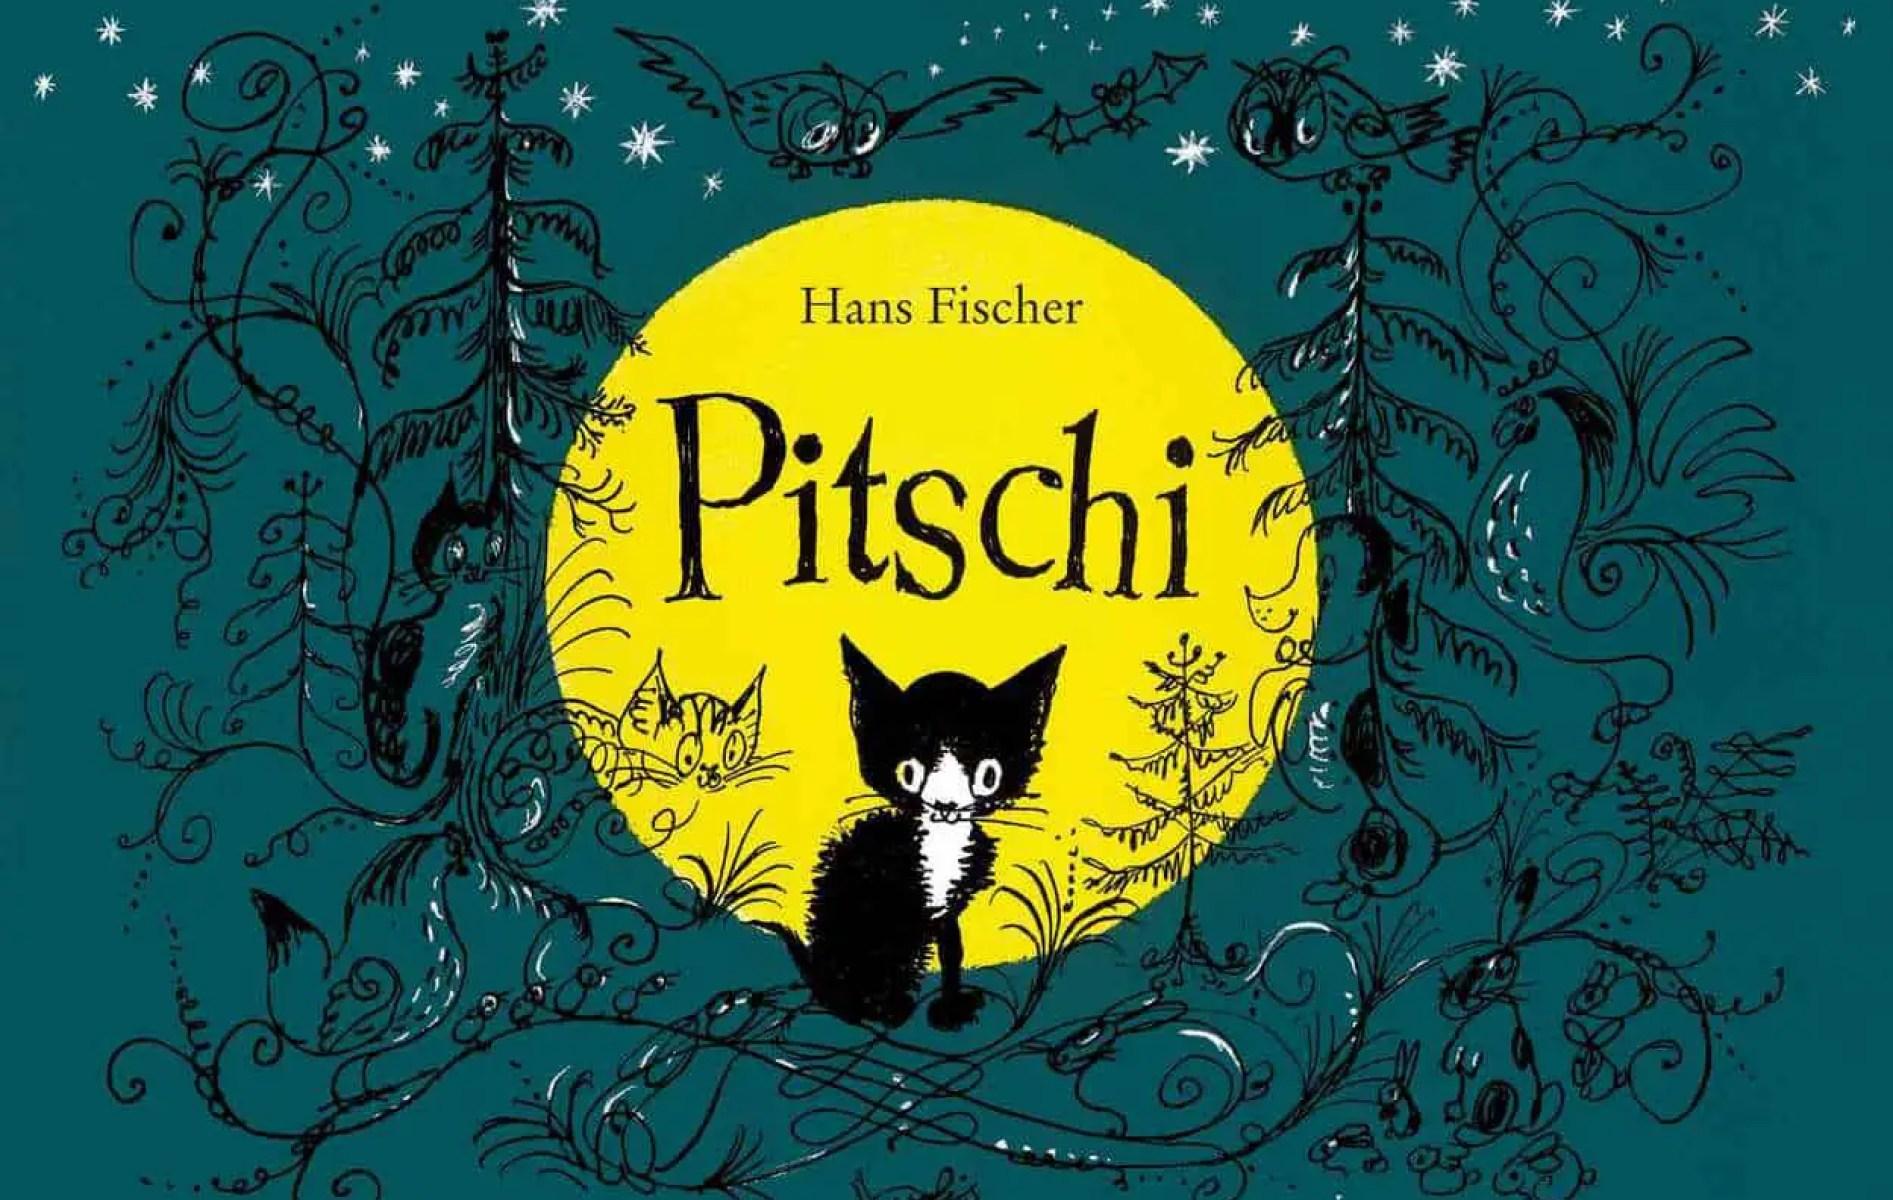 Pitschi by Hans Fischer cover